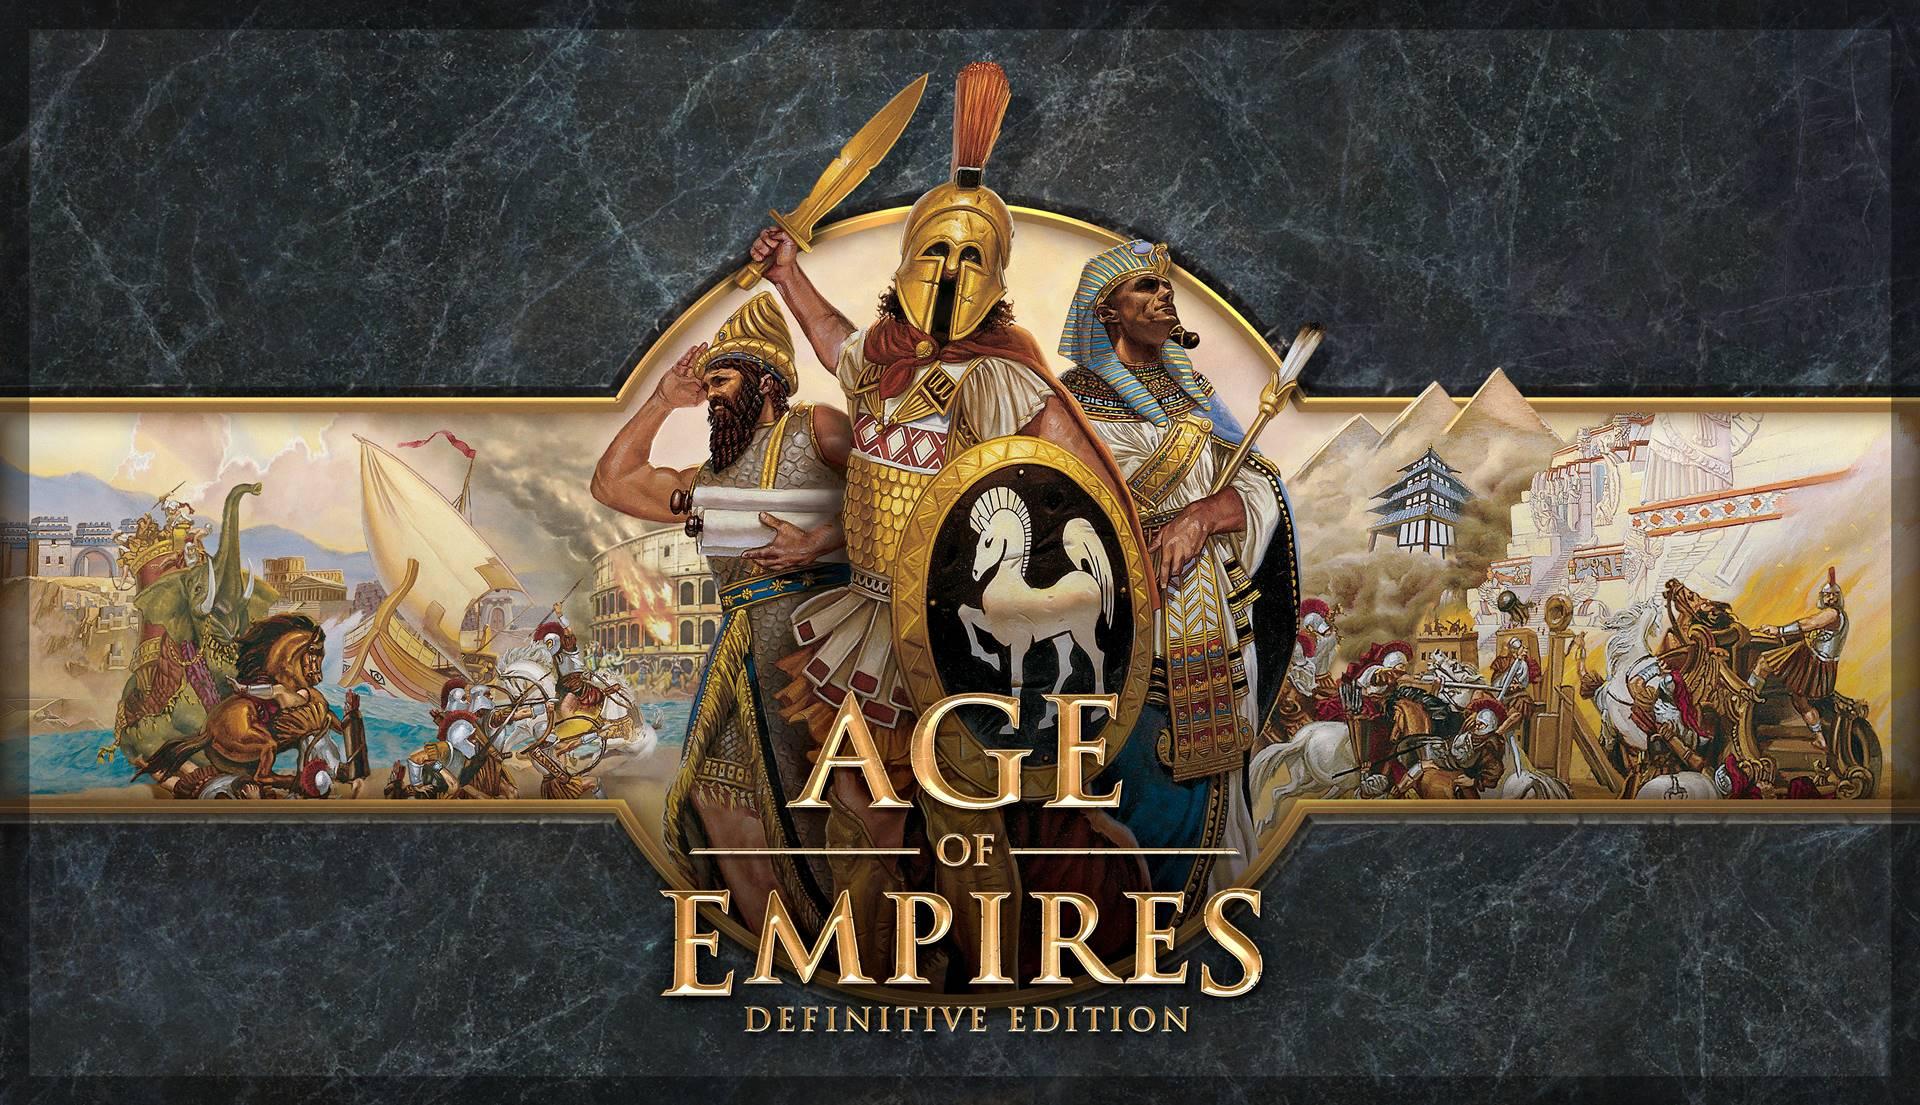 Age of Empires: Definitive Edition nabízí staromódní hratelnost v překrásné grafice – recenze